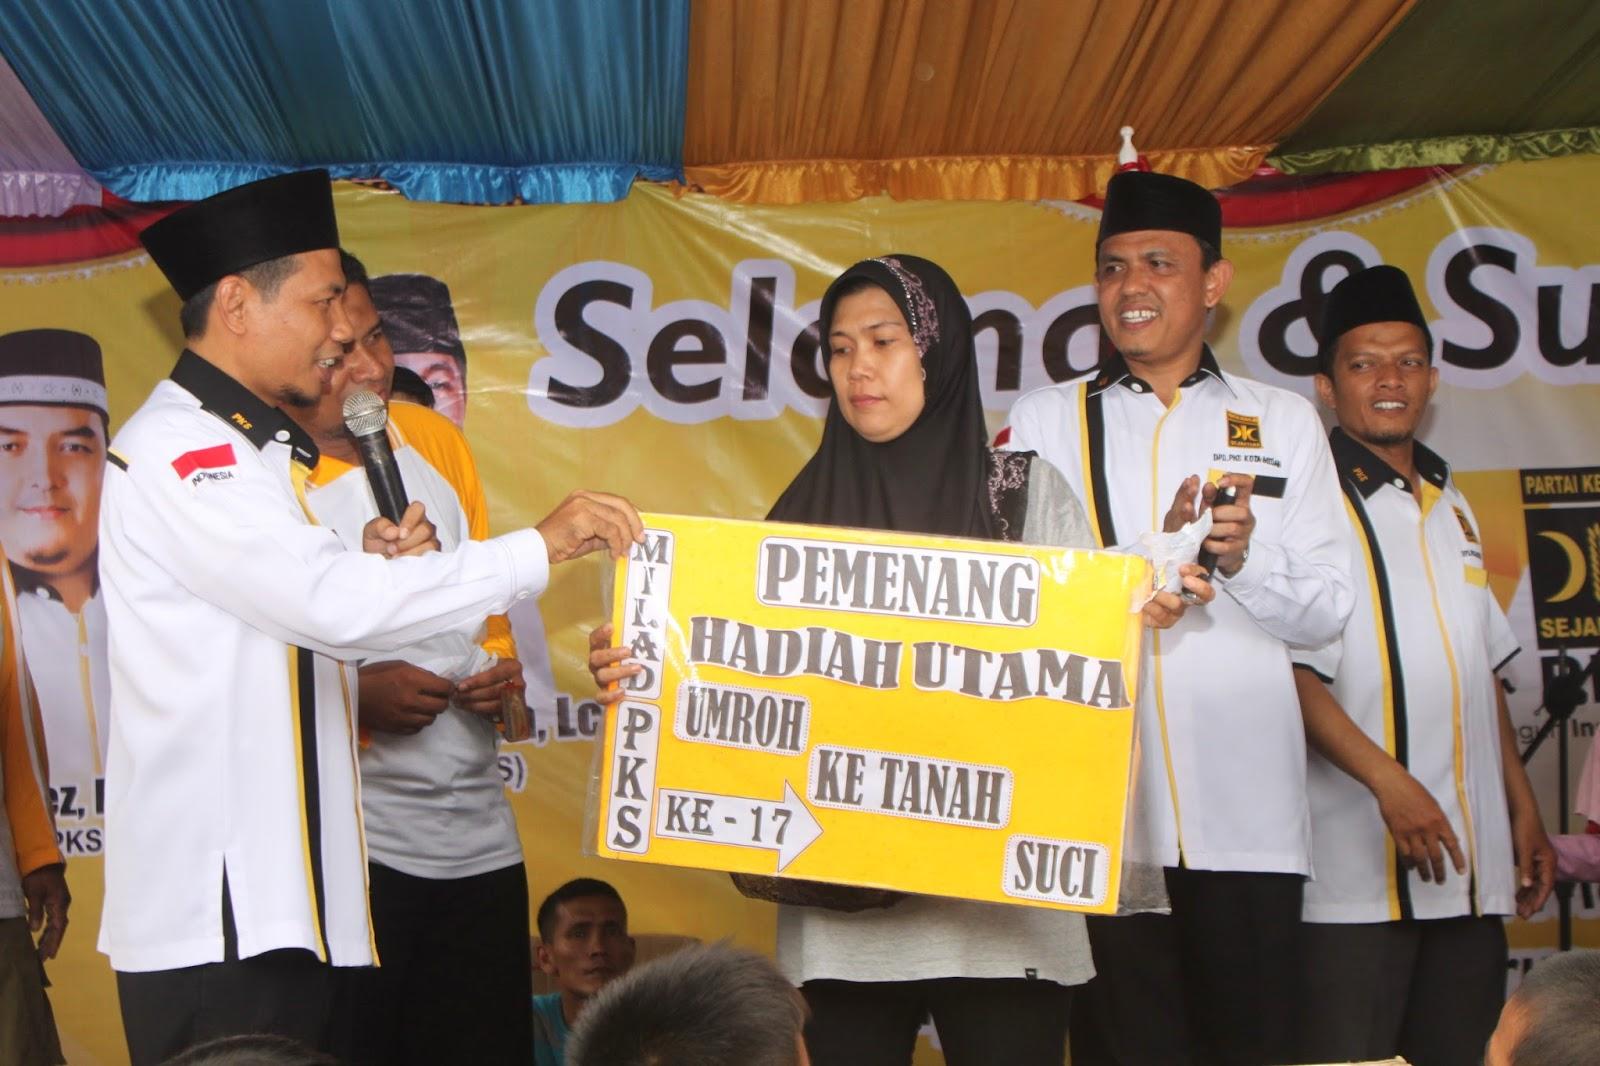 Berniat Umrohkan Orang Tua, Dua Warga Medan Dapat Hadiah Umroh Milad PKS